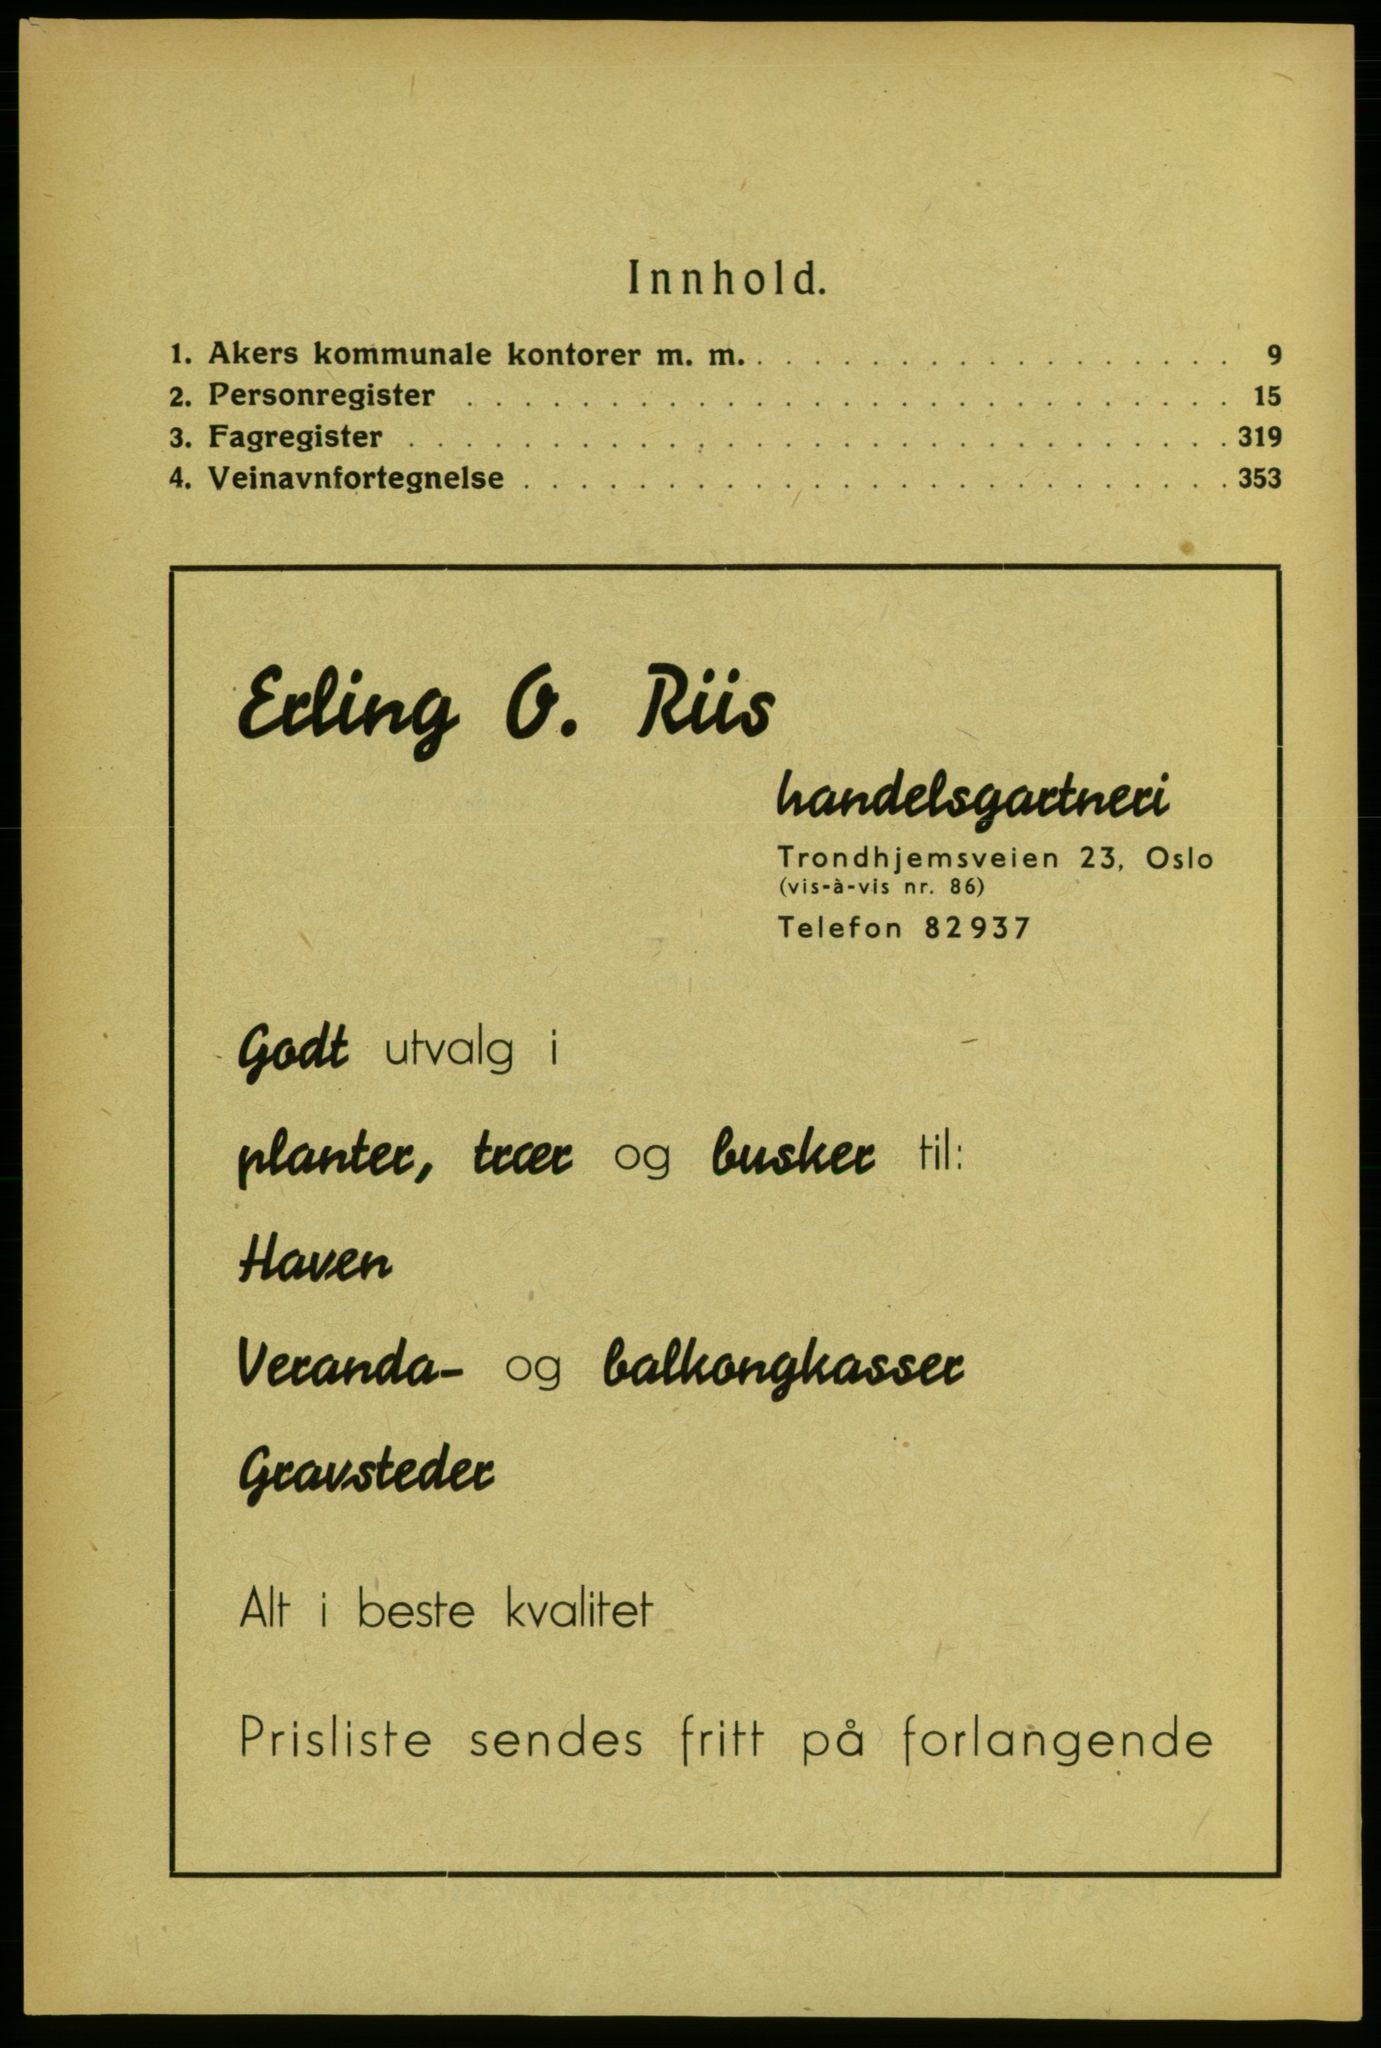 RA, Aker adressebok/adressekalender (publikasjon)*, 1934-1935